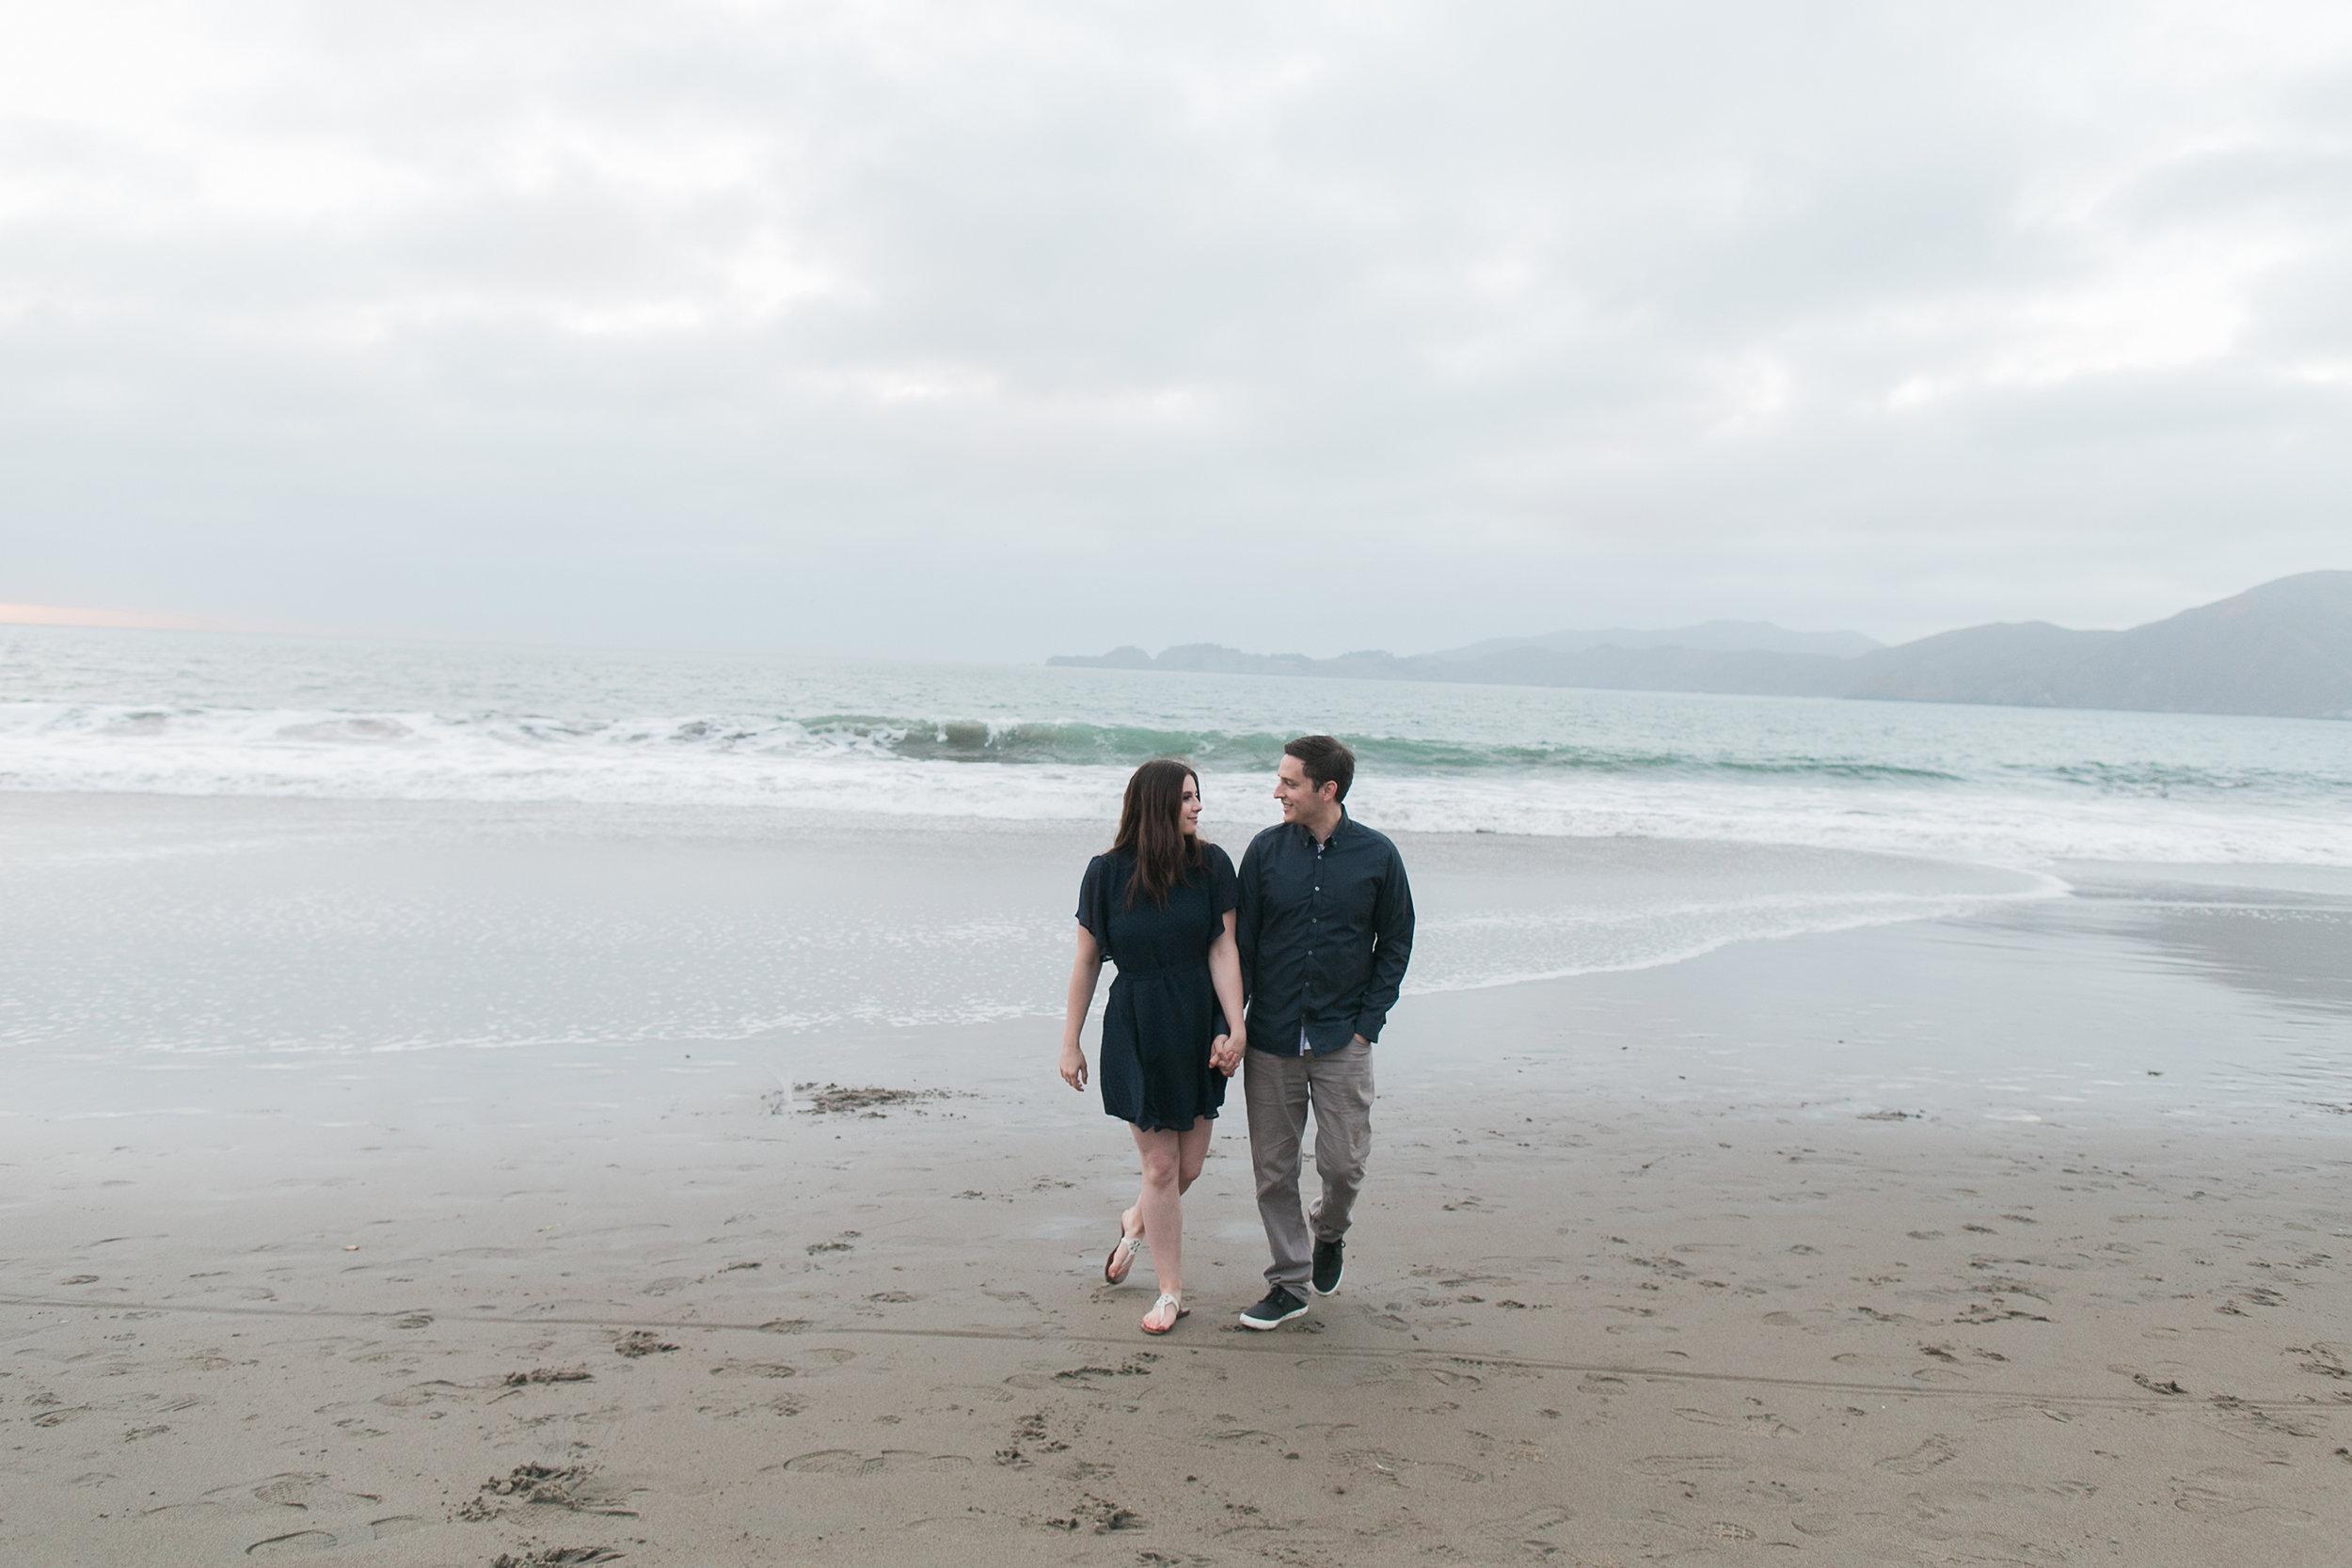 San_Francisco_Baker_Beach_Engagement_Session_010.jpg